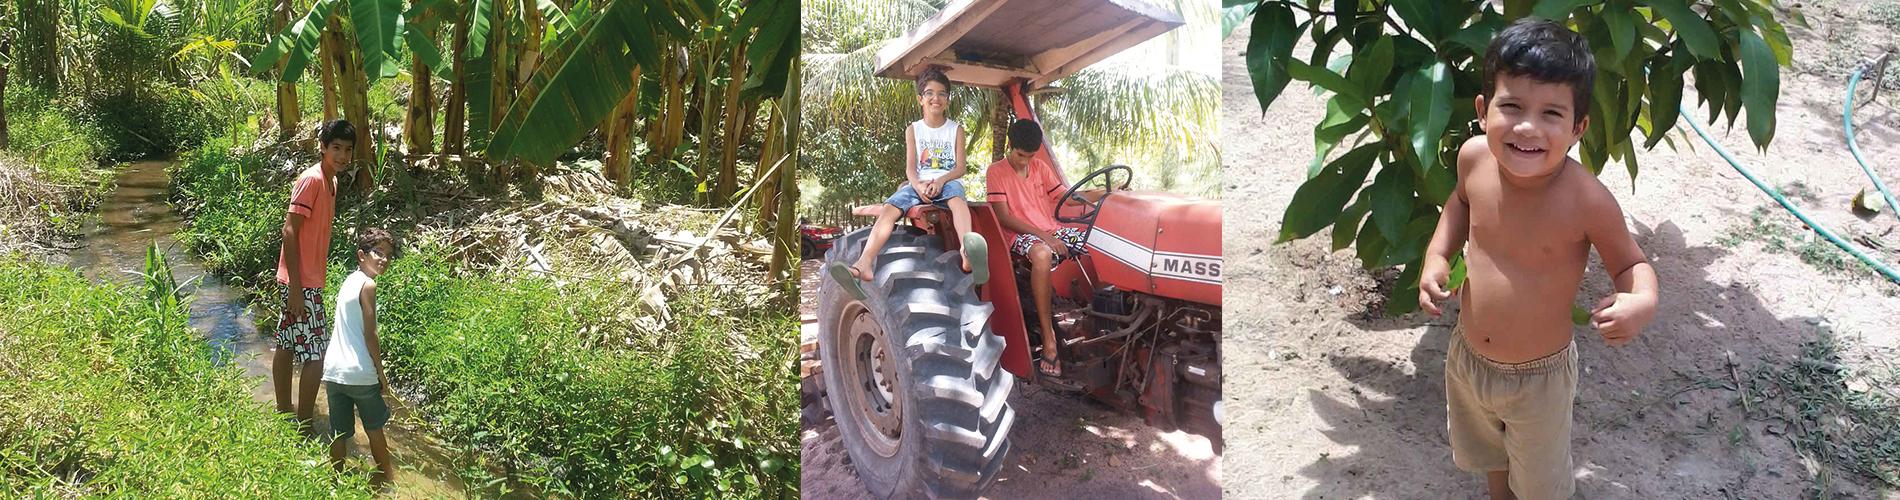 Strassenkinder auf der Nós na Vida Farm